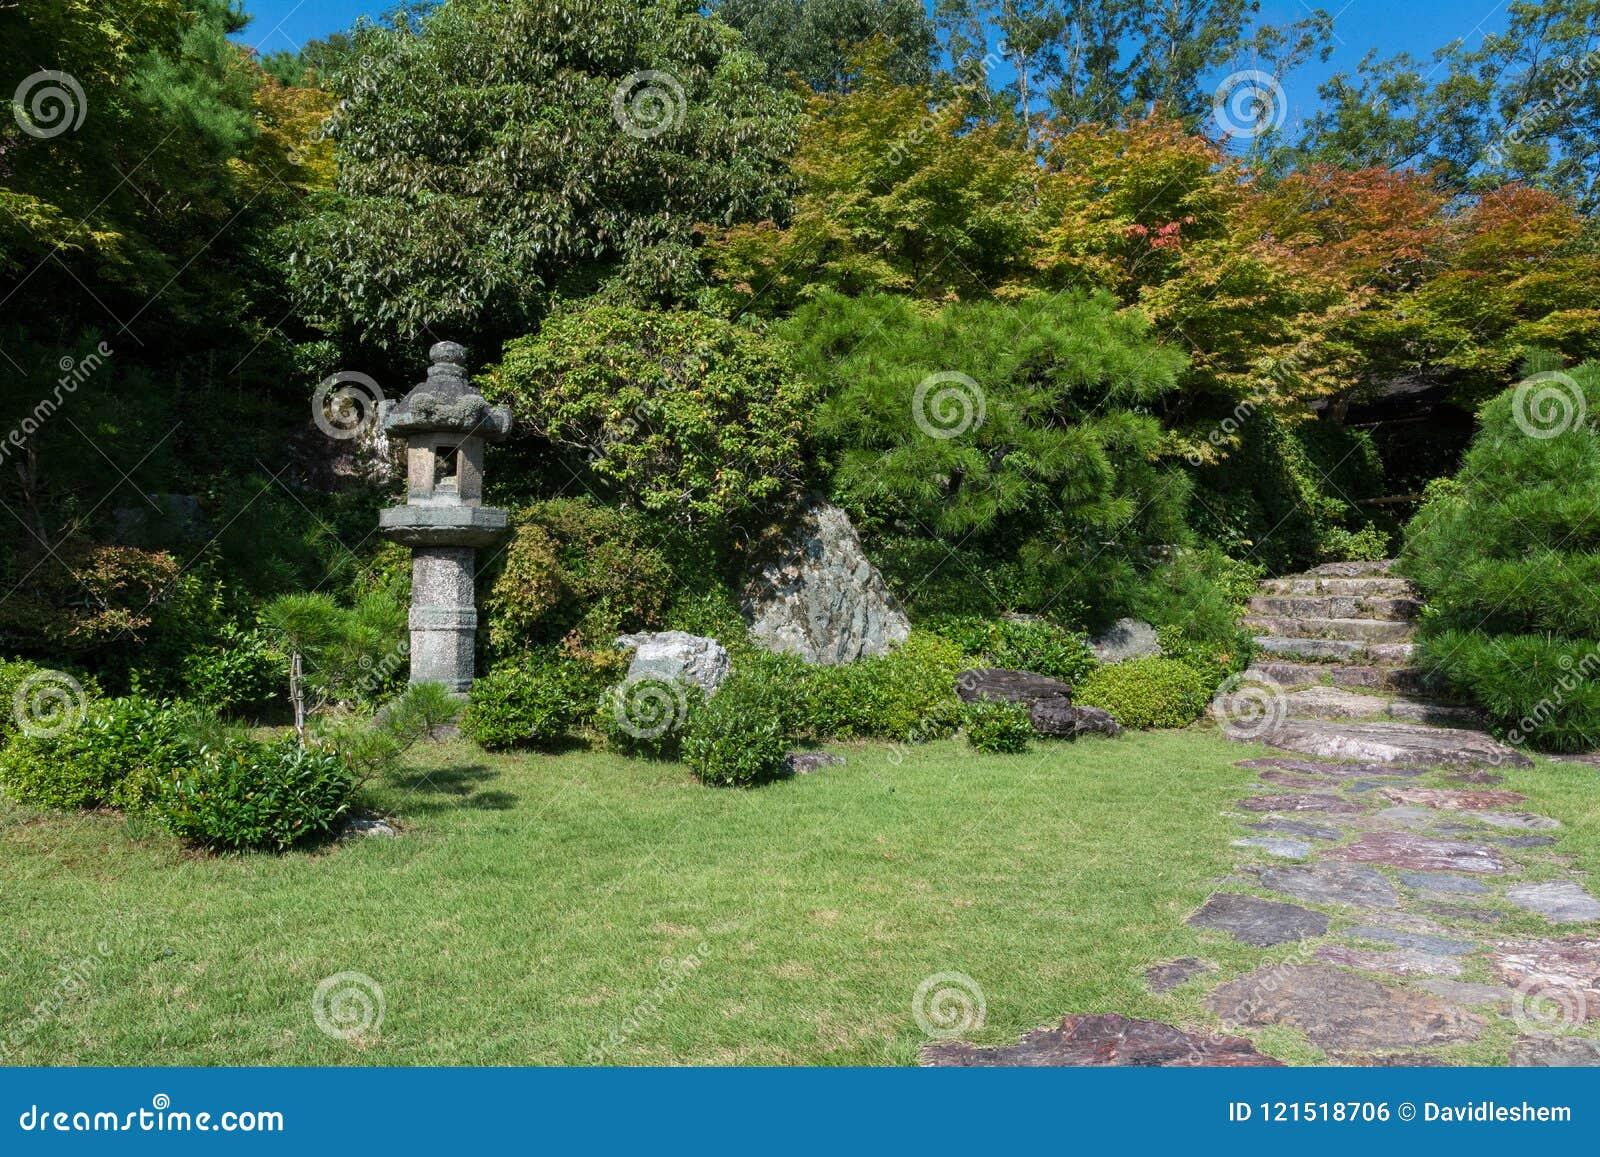 Japanische Gartenlandschaft, Pagodensteinstatue